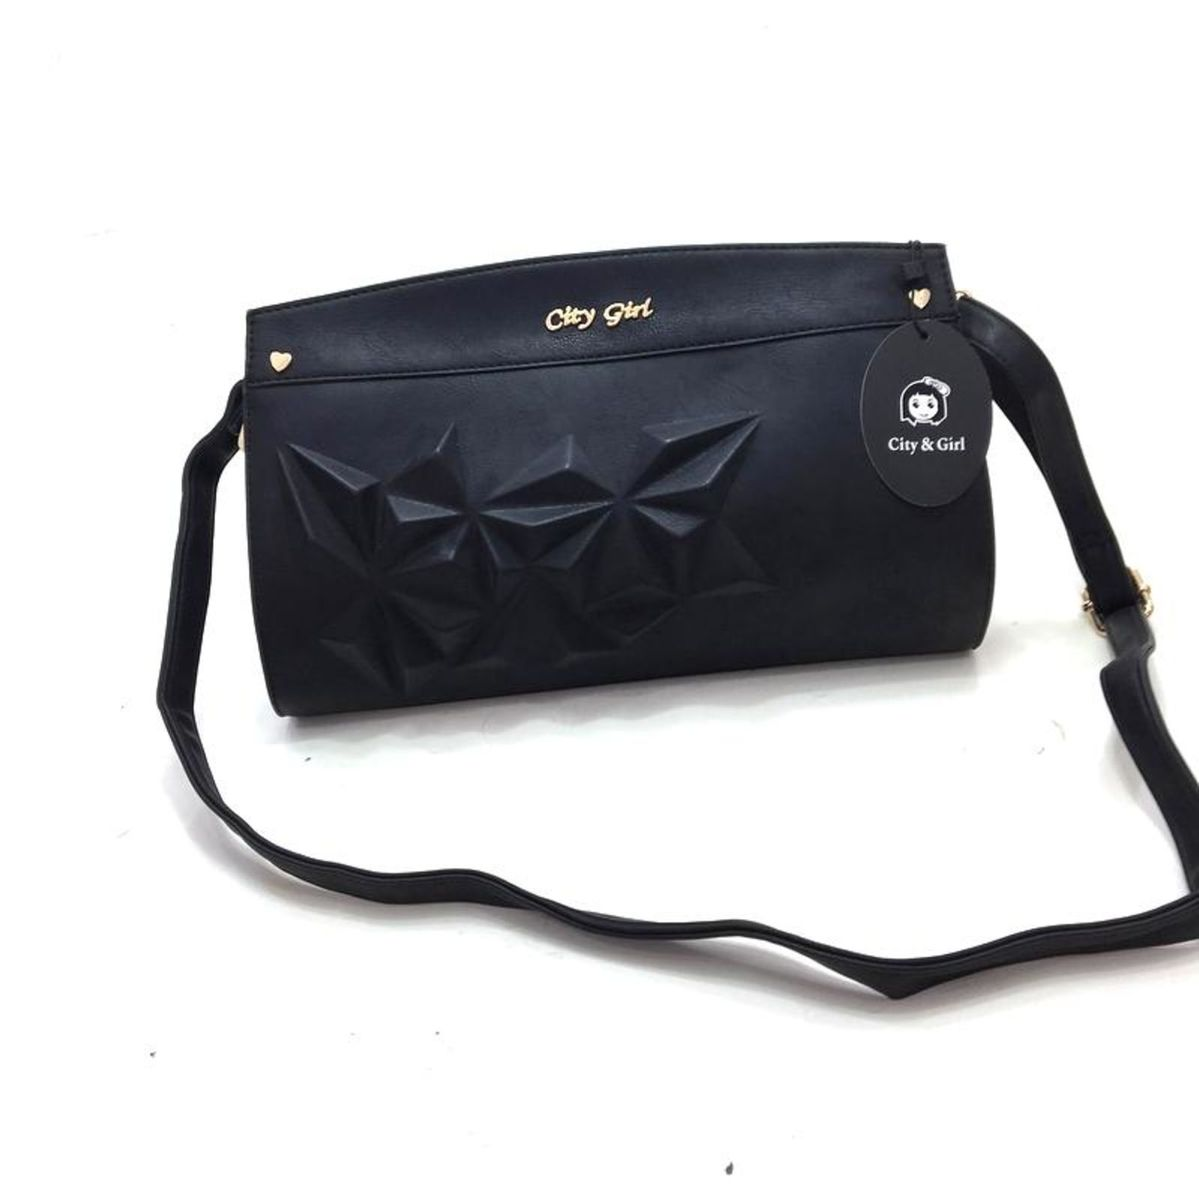 d8de019d8 bolsas femininas importadas couro sintético transversal lu 11 - ombro sem  marca